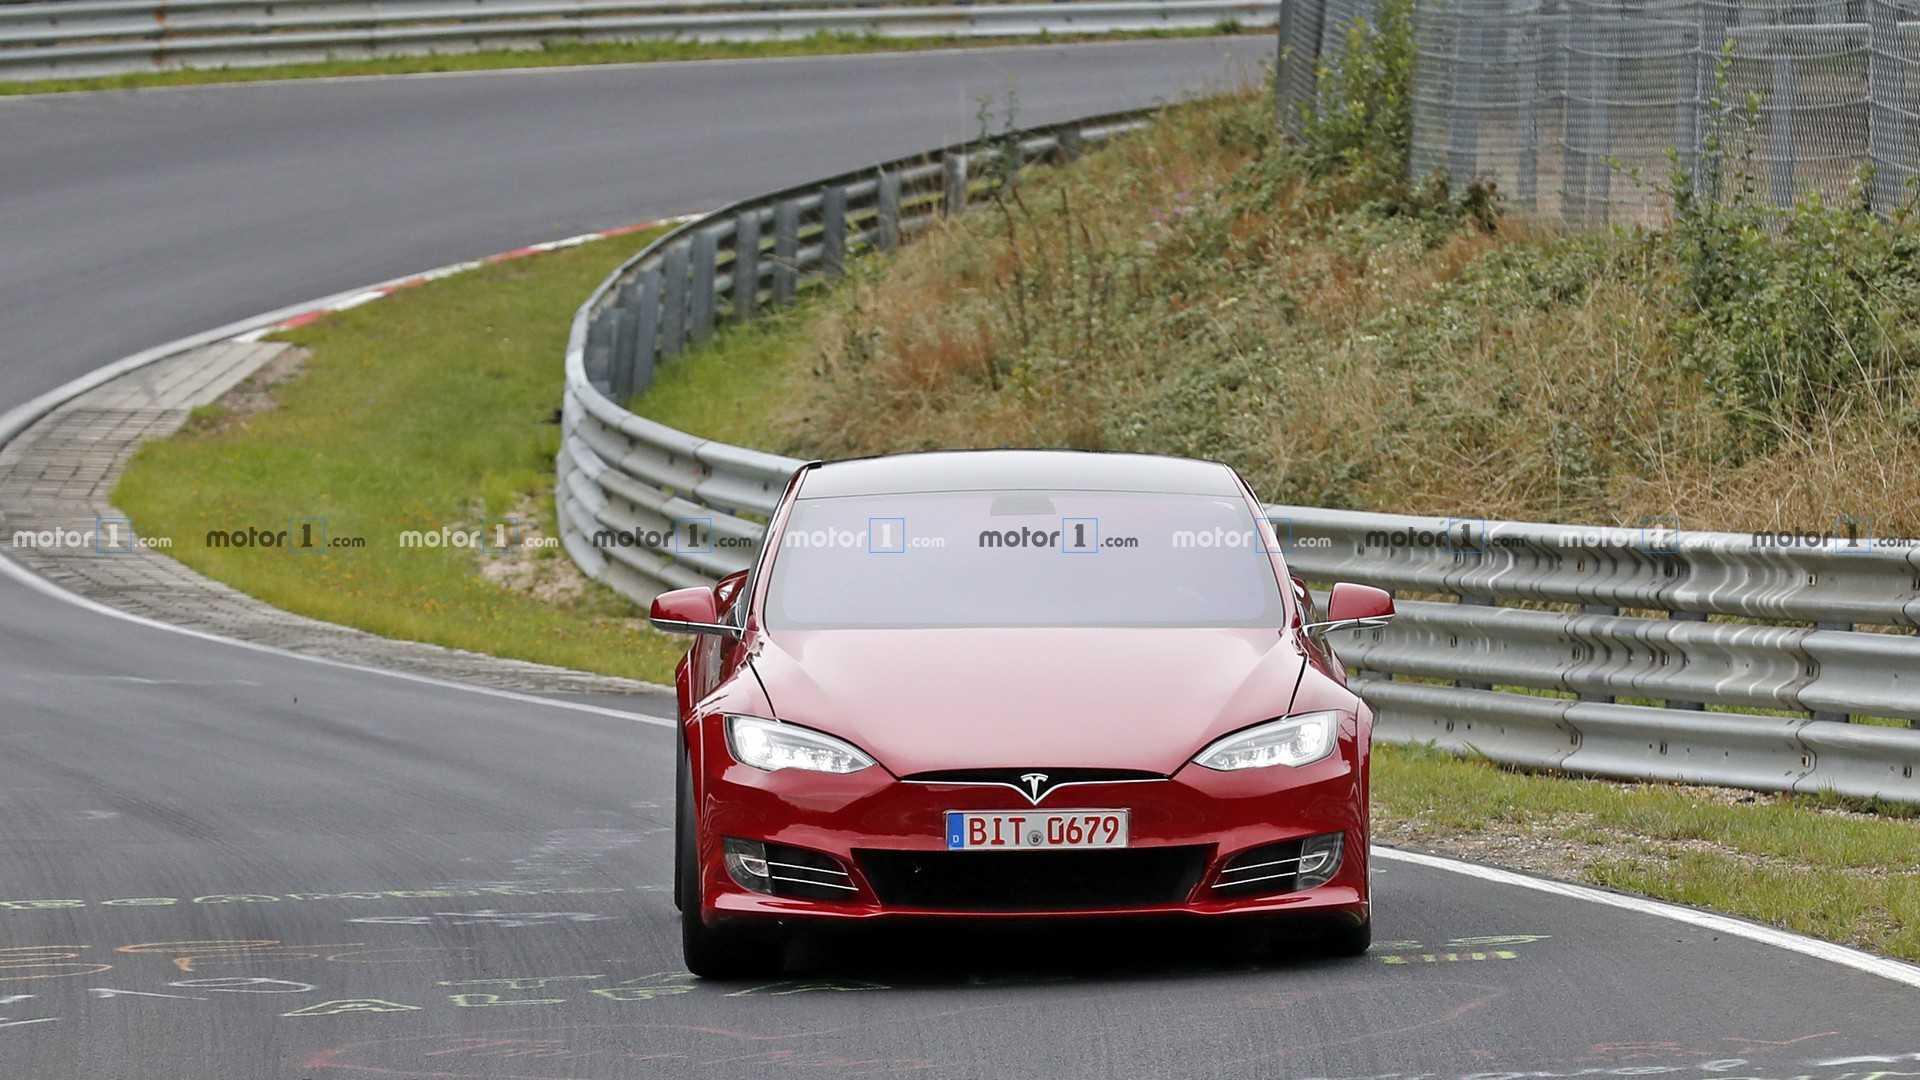 Электрический Tesla Model S обновил мировой рекорд трассы Laguna Seca со «штопором» – поворотом с большим перепадом высот. Отныне все 4-дверные седаны будут ориентироваться на время 1 минута и 36,555 секунды. Предыдущий чемпион – Jaguar XE SV Project 8 – проезжал круг на одну секунду дольше.